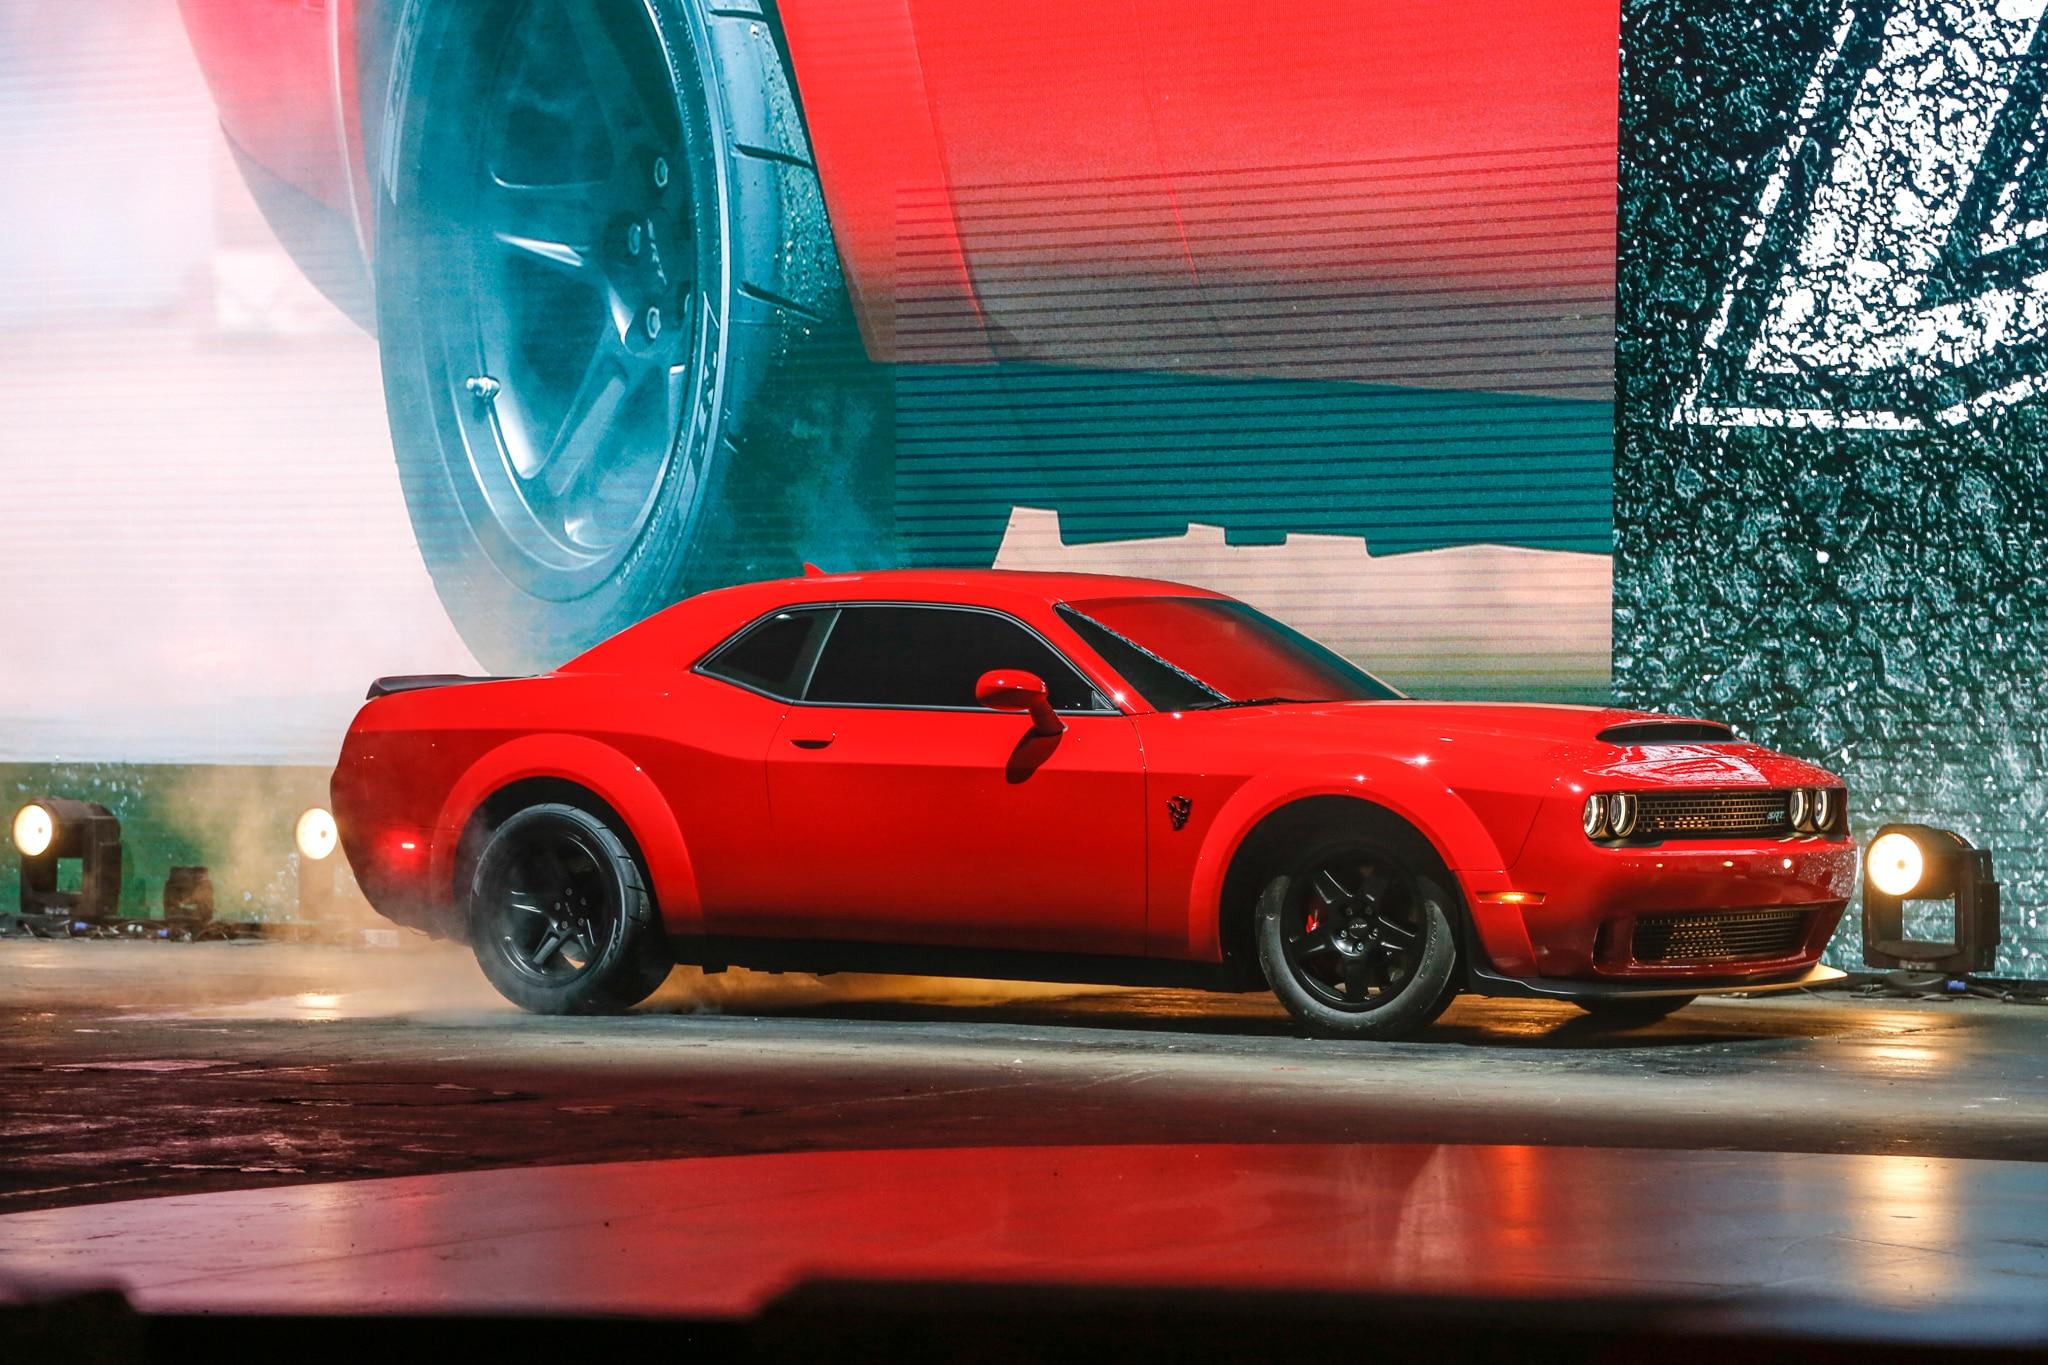 2018 Dodge Challenger SRT Demon Front Side 02